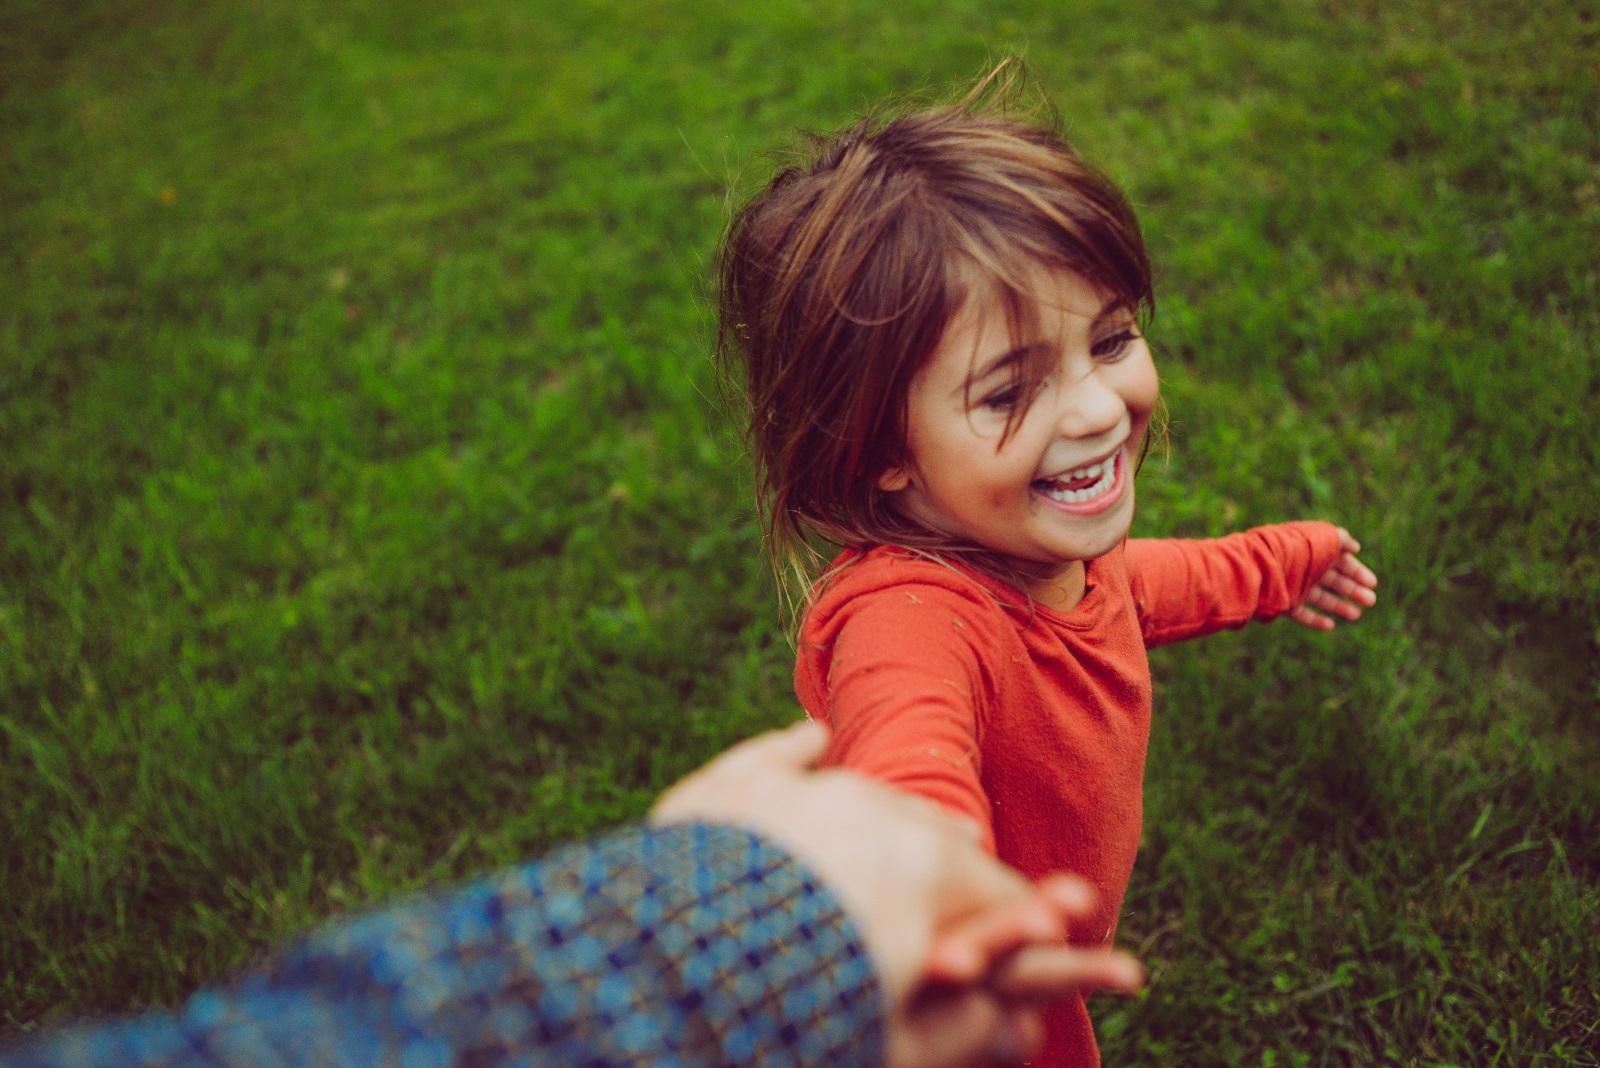 Детето Близнаци<br /> За него промяната е равна на живот! Няма нищо по-хубаво от социализирането в детската градина, на площадката и навсякъде, където има разнообразни хора и случки. Вербалното общуване, четенето и усвояването на нова информация са ключови за този знак. Всяко дете има собствен ход на развитие и порастване – все пак, не забравяйте да четете детски книги, да разказвате истории...и да отговаряте на всякакви въпроси!